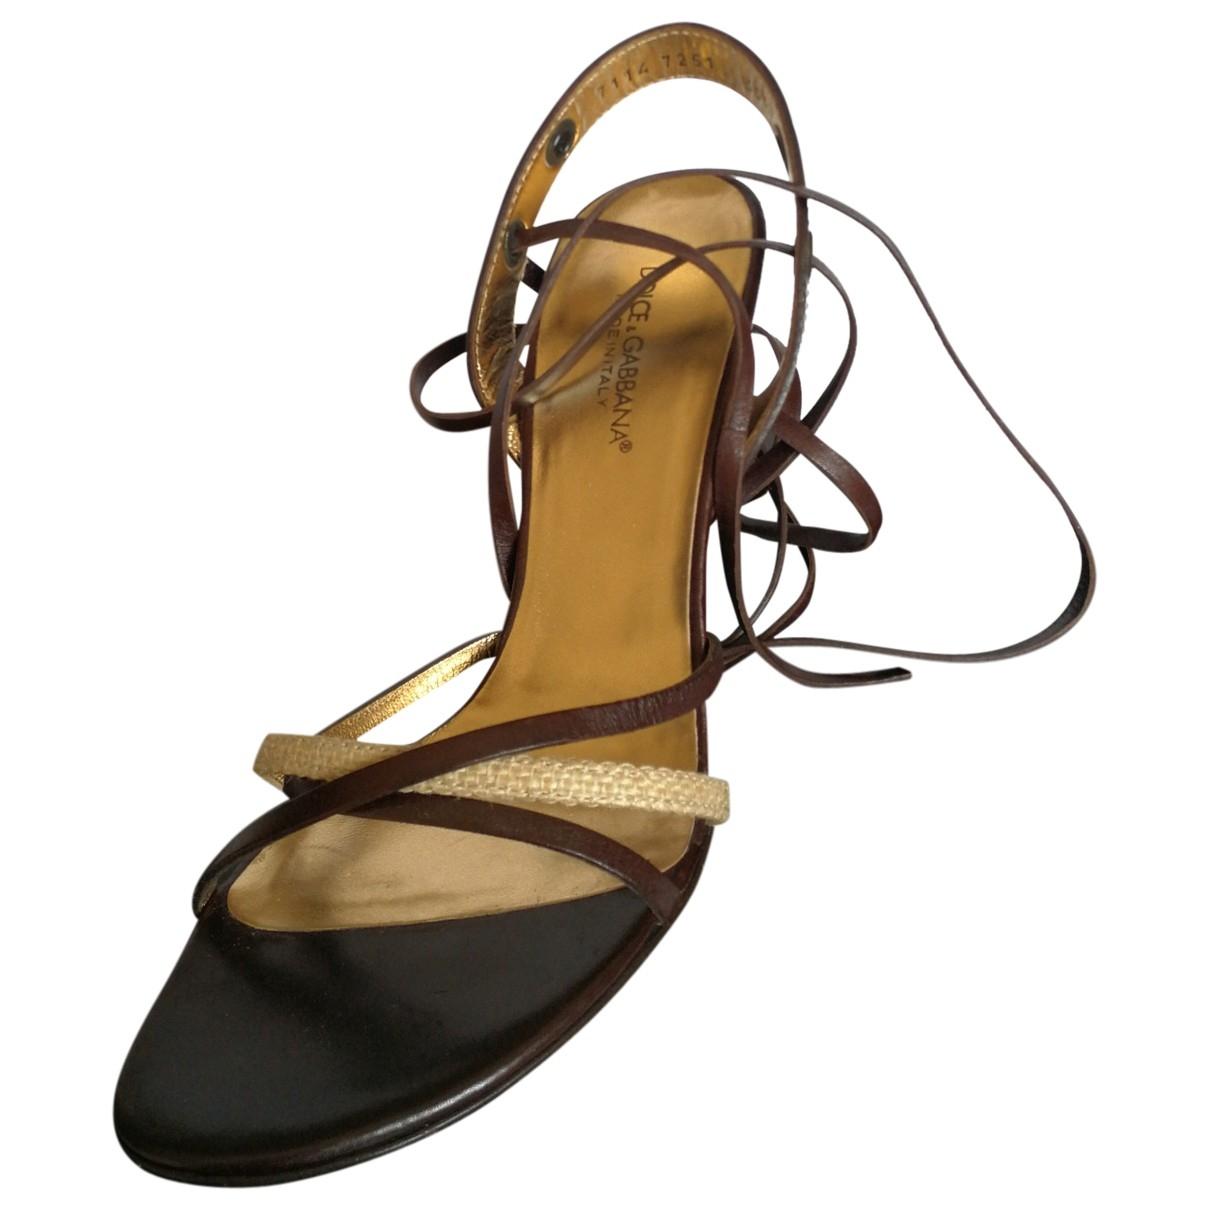 Sandalias romanas de Cuero Dolce & Gabbana